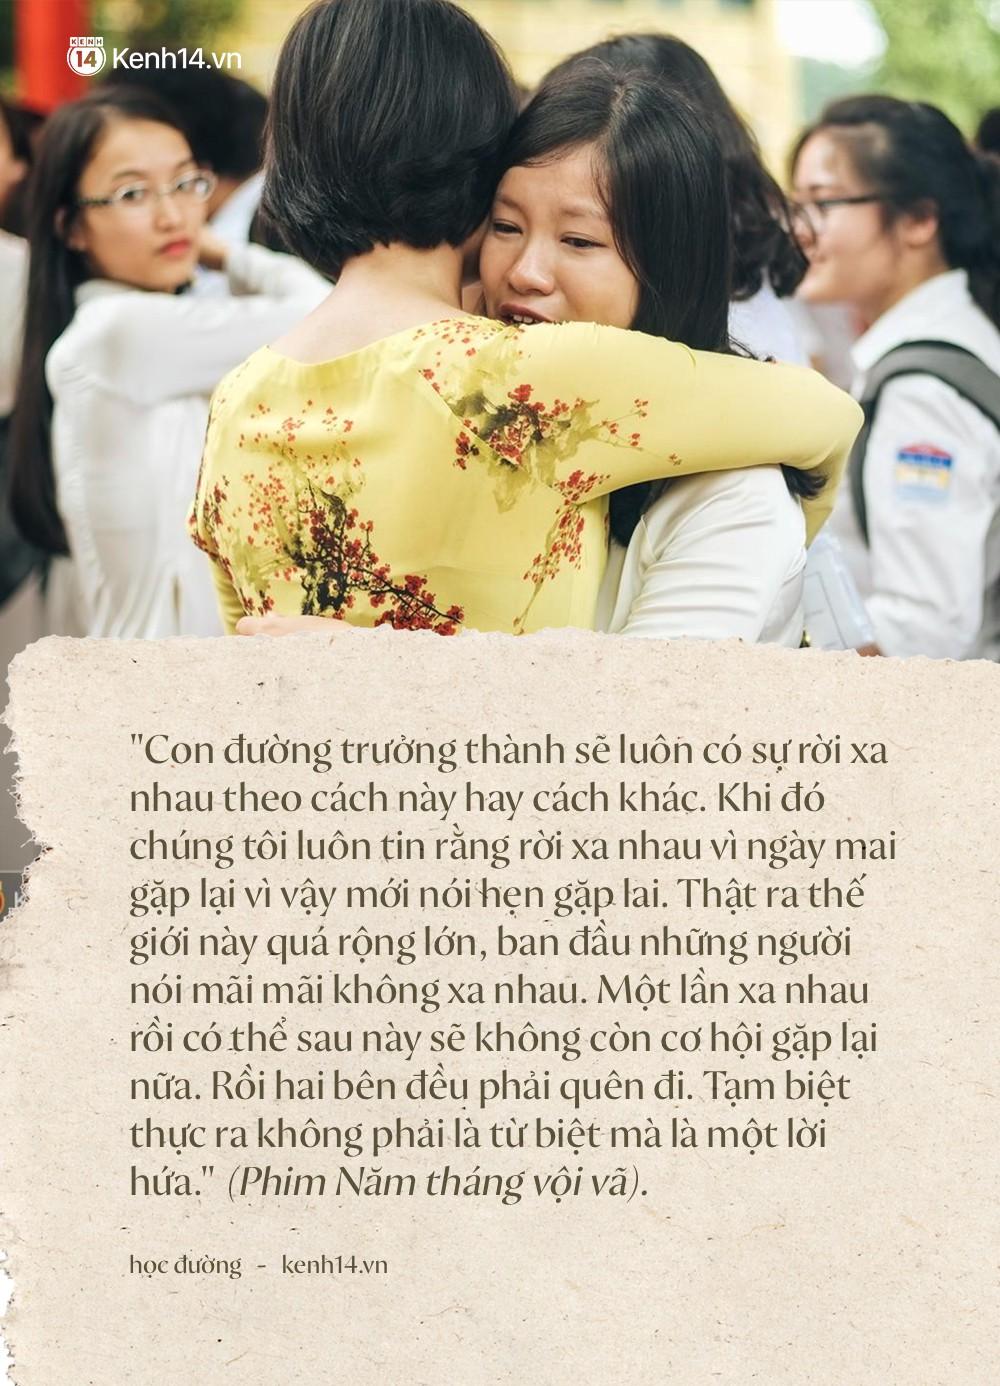 Tại sao học sinh lớp 12 khóc như mưa trong ngày bế giảng nhưng vài năm sau họp lớp không ai đi? - Ảnh 5.